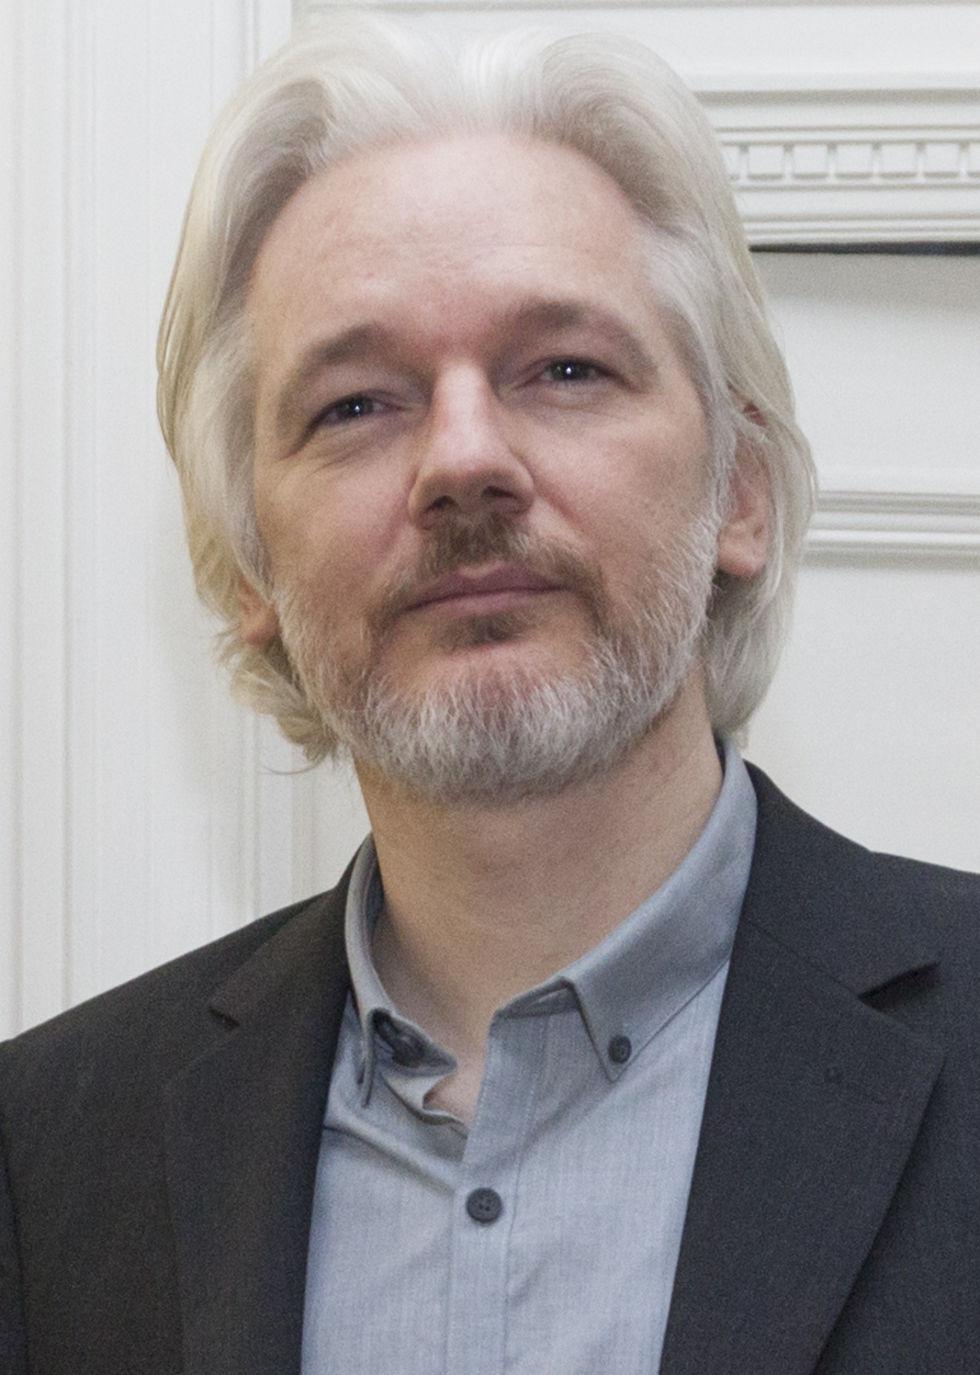 Brittisk polis drar ner på bevakningen av Assange